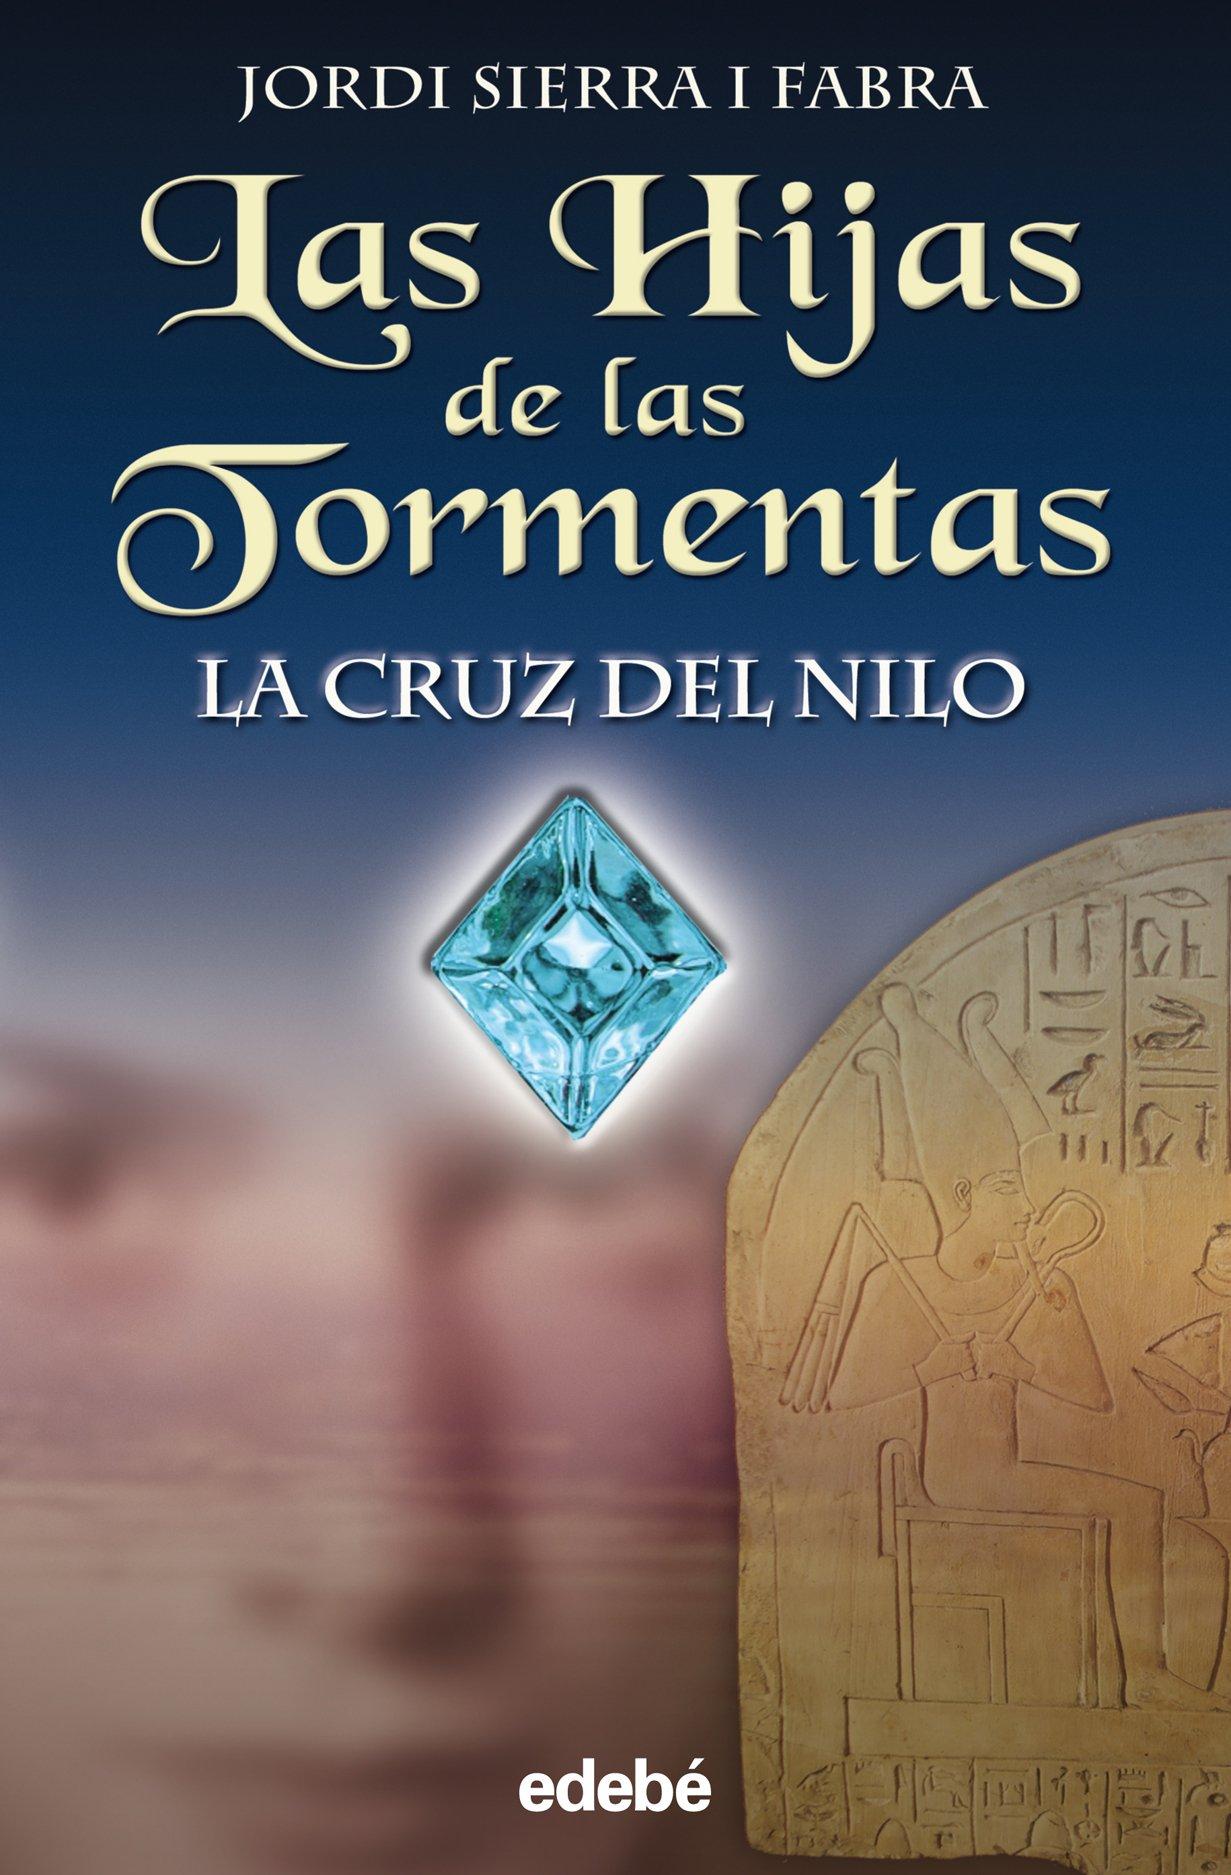 LA CRUZ DEL NILO (LAS HIJAS DE LAS TORMENTAS): Amazon.es: JORDI SIERRA I FABRA, Jordi Sierra i Fabra, Francesc Sala: Libros